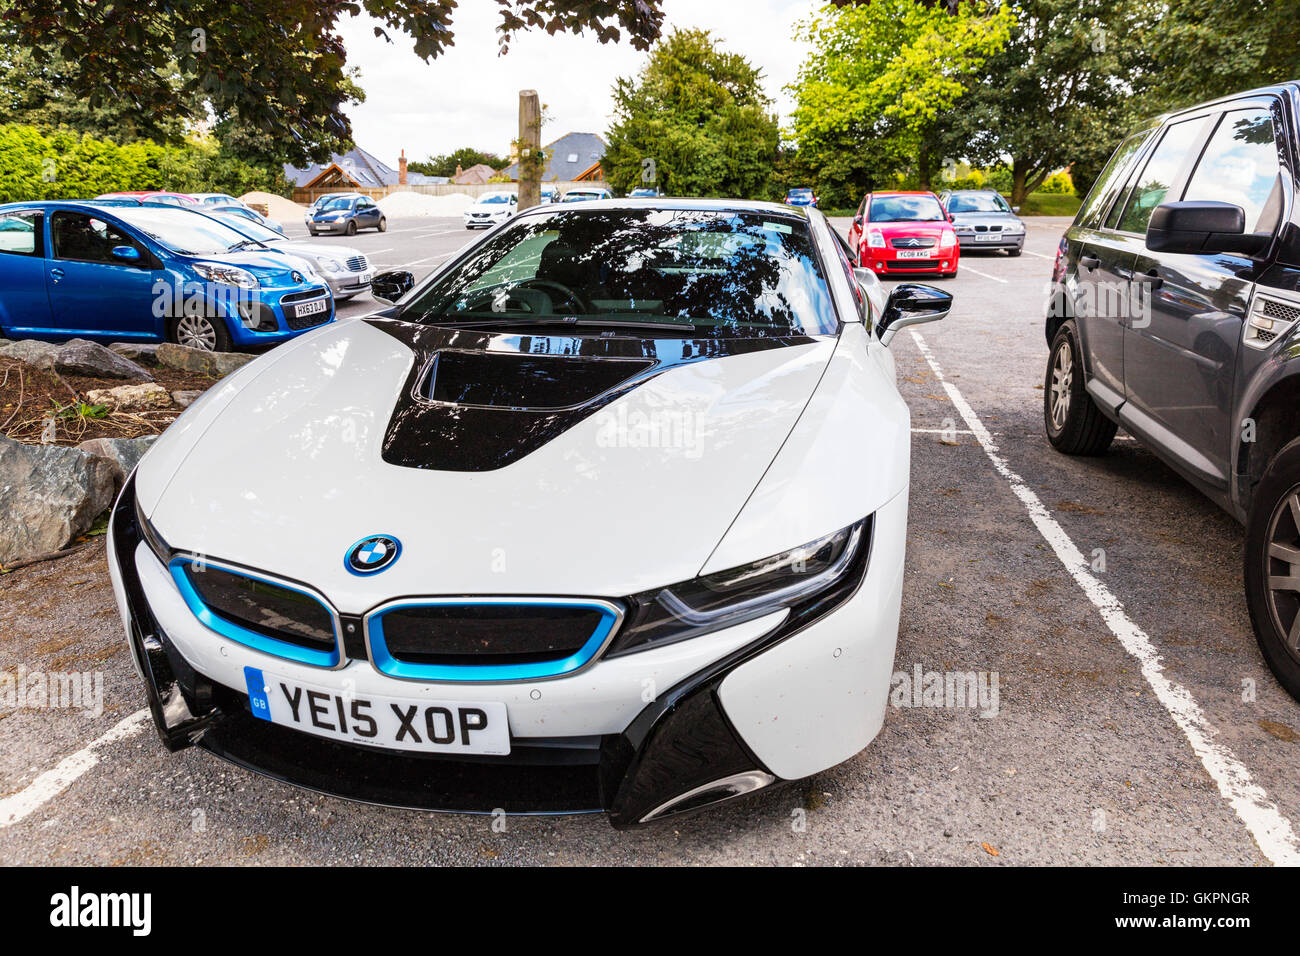 BMW i8 auto sportiva ibrido plug-in vetture sportive sviluppato da BMW veicolo parcheggiato supercar elettrica economia Immagini Stock